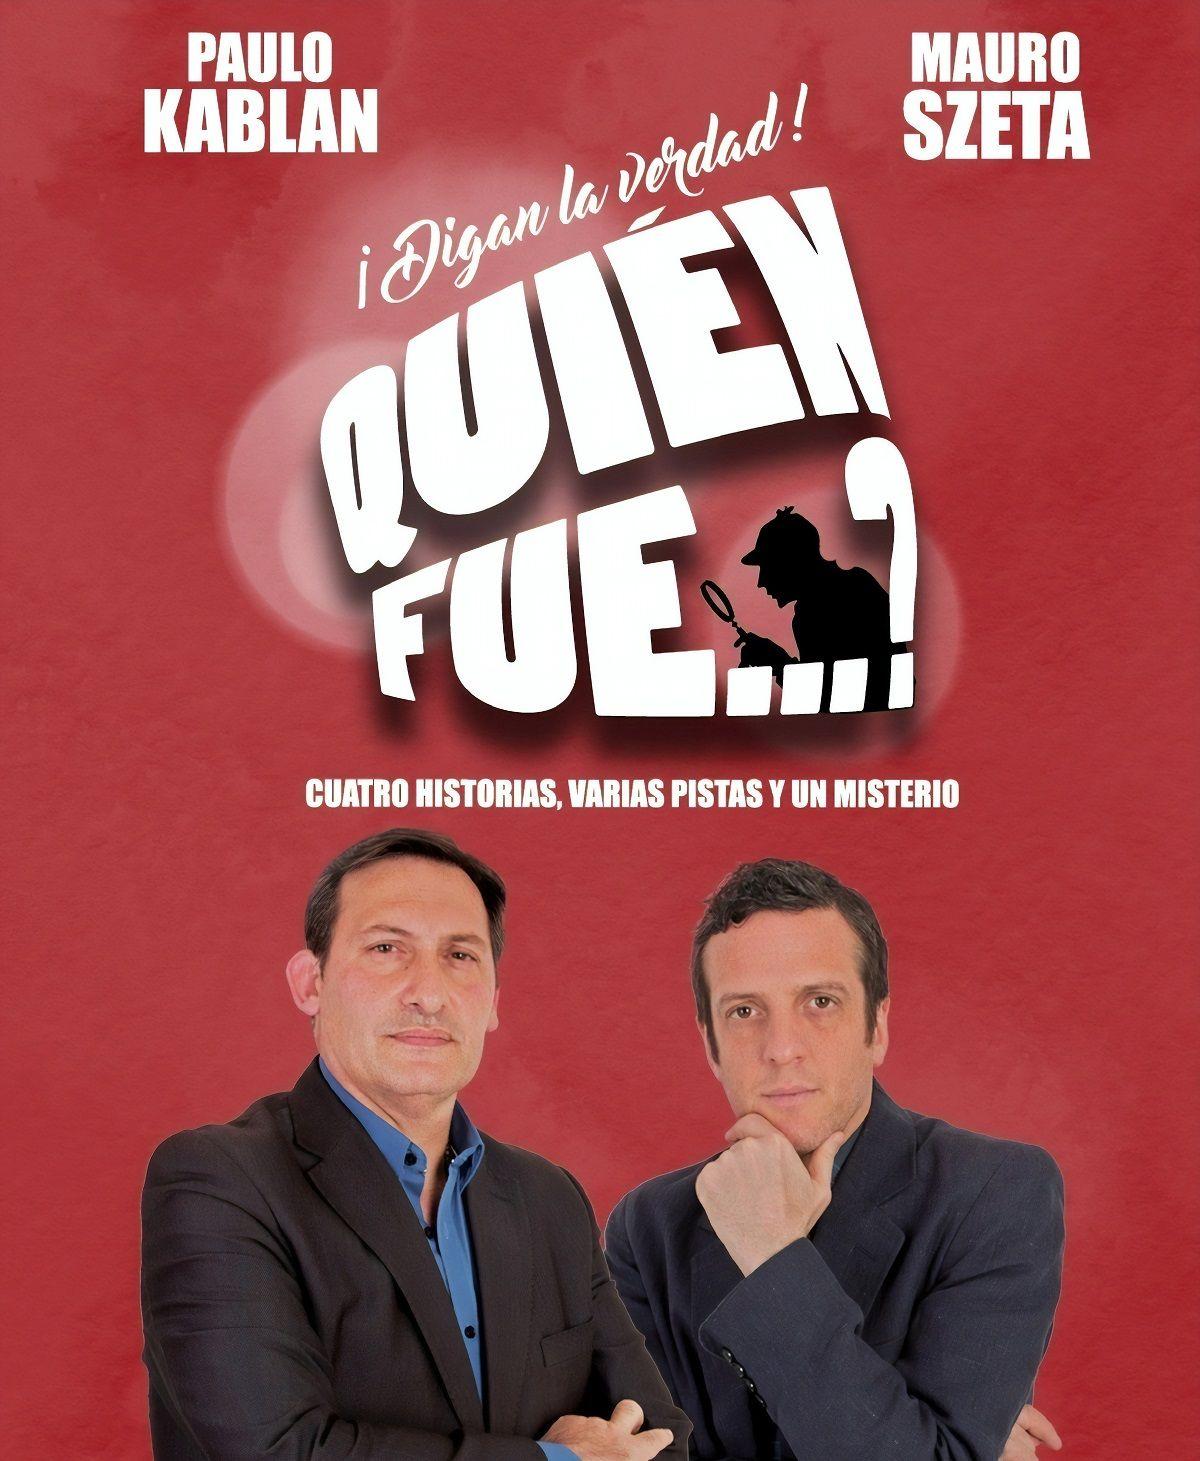 Paulo Kablan y Mauro Szeta vuelven al Paseo la Plaza